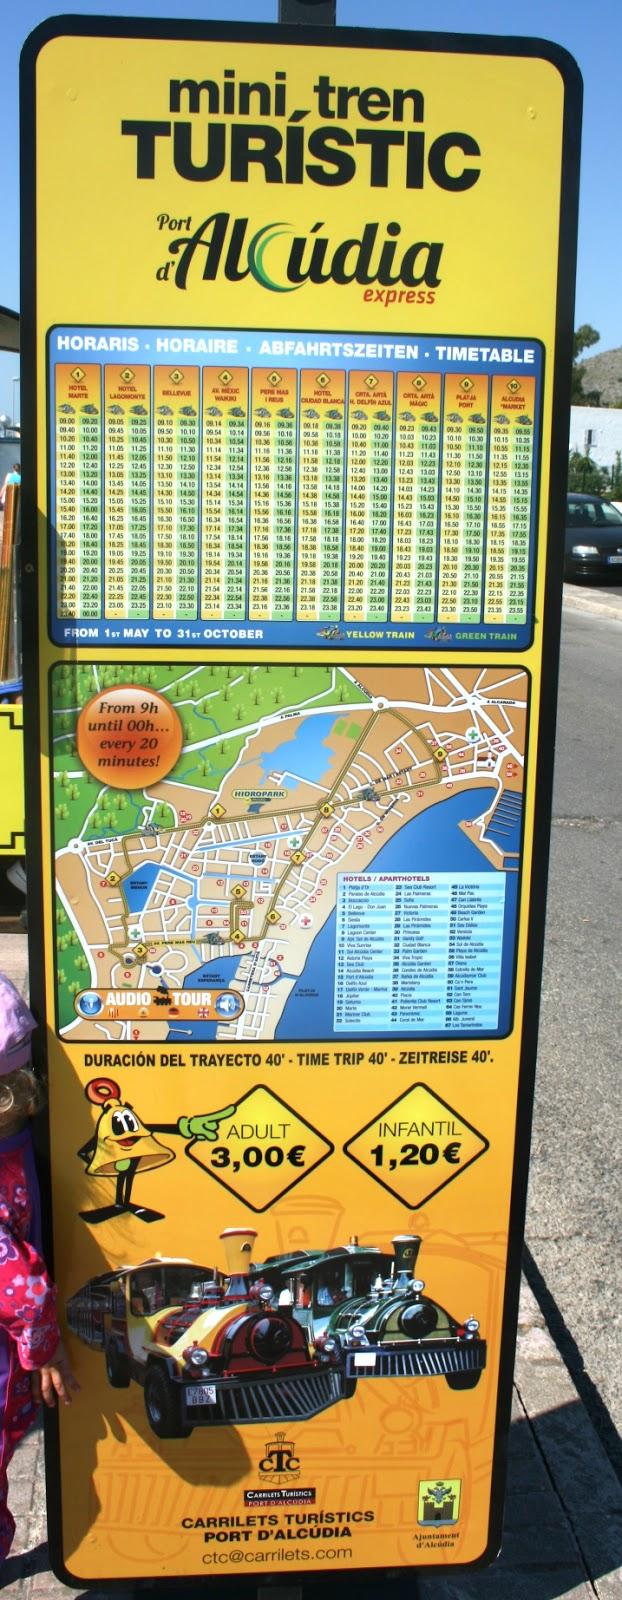 The HOT guide AlcudiaPollensa Puerto Alcdia Mini Tourist Train